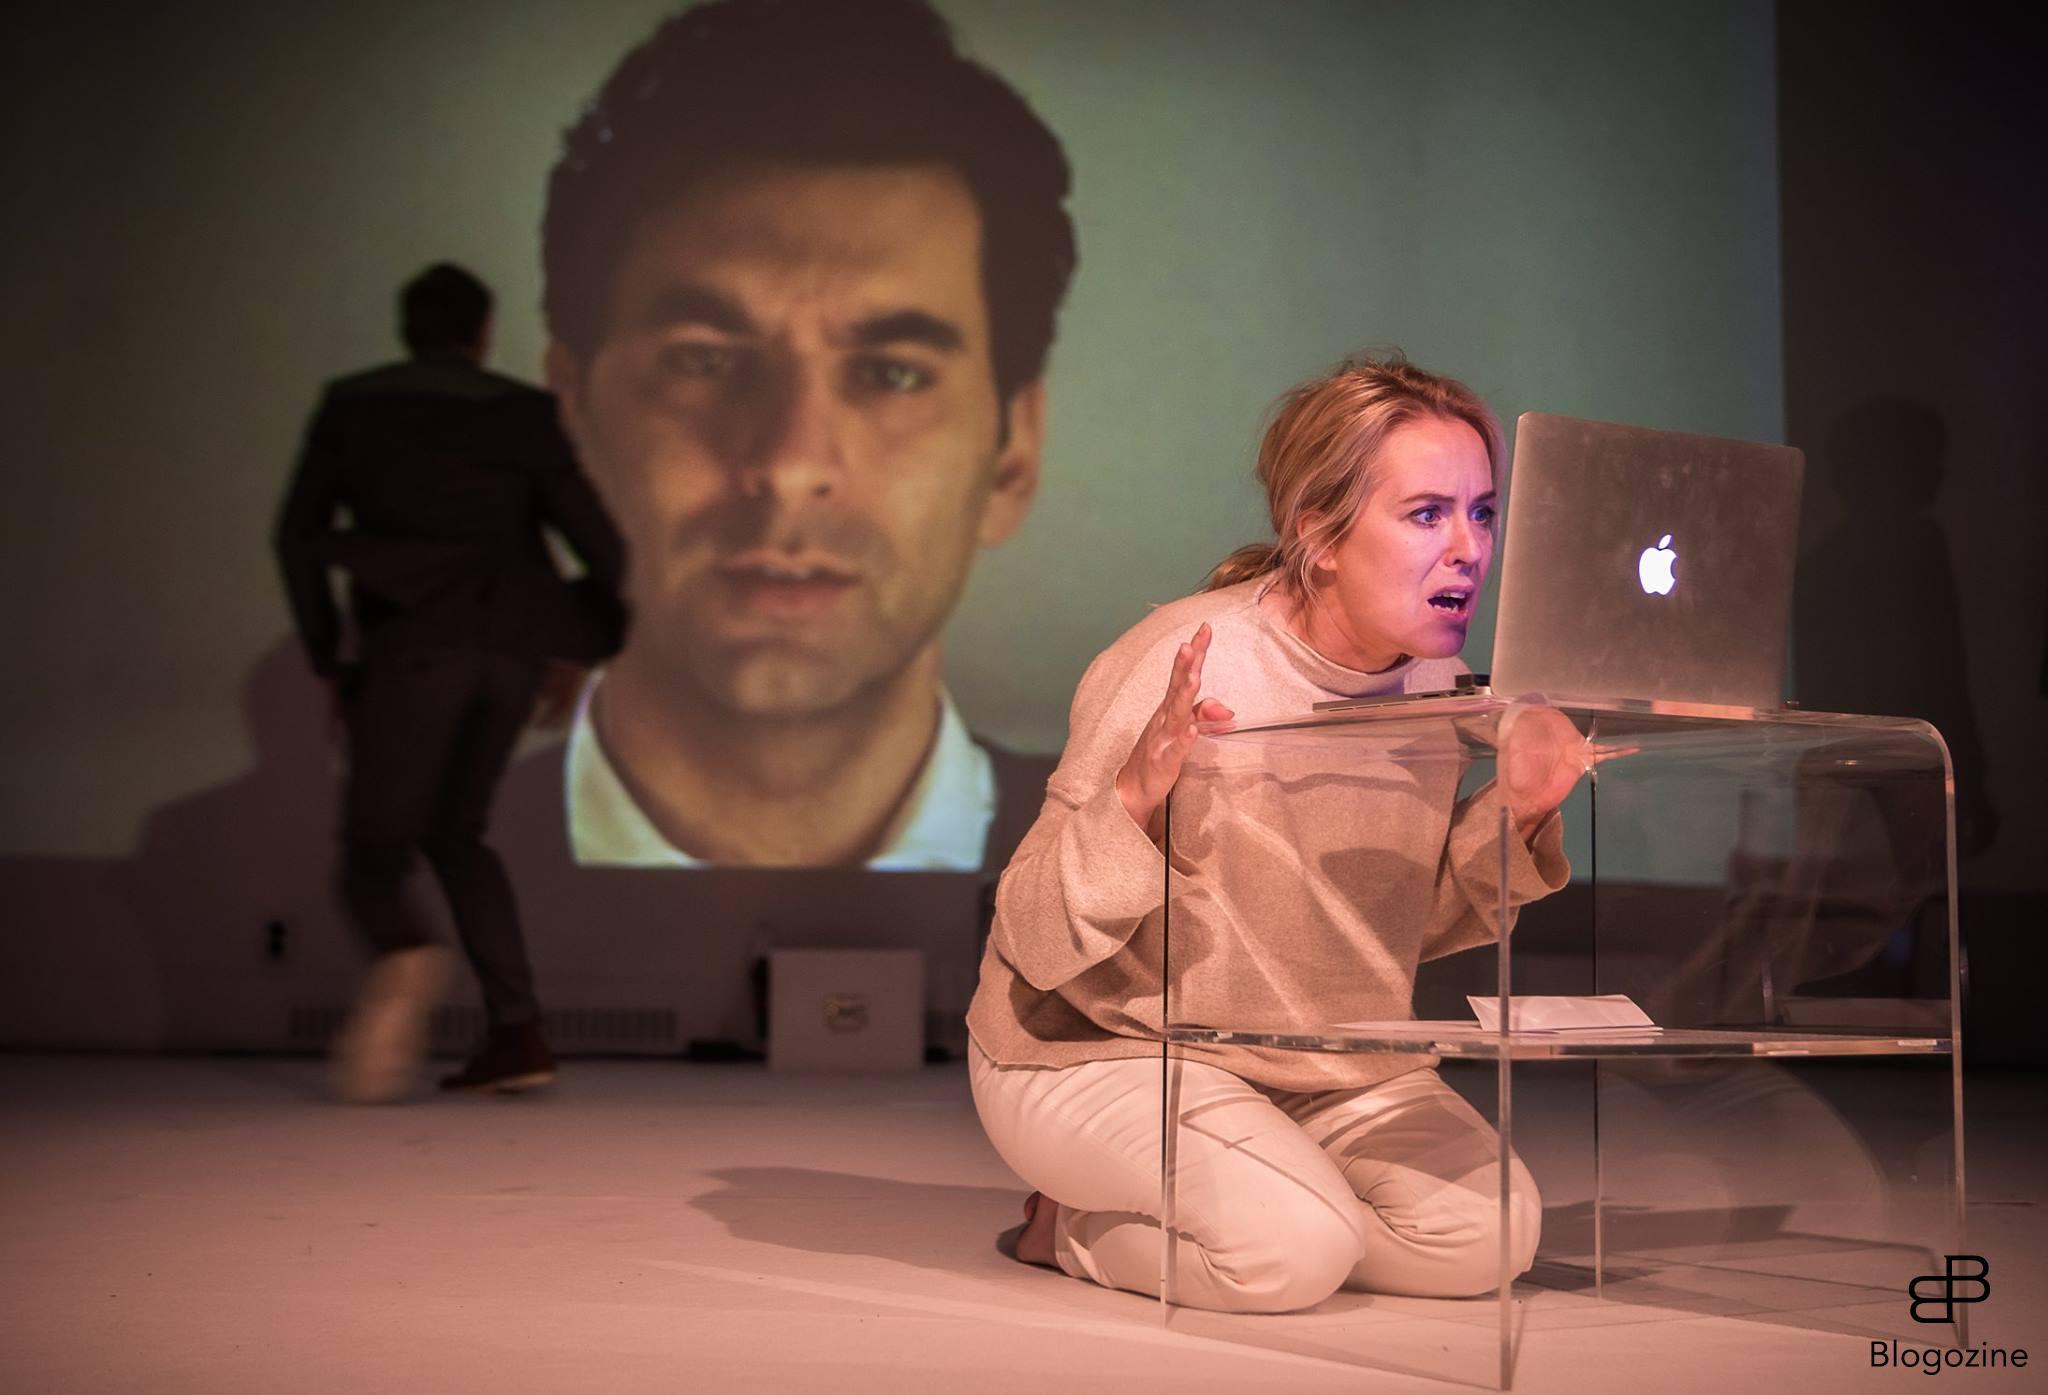 Jimmy Hanna i rollkaraktären entreprenören Elliot Liv och hans fru Stella som spelas av Helena Karlsson i scenen där Elliot återuppstår i form av en digital version med hela sitt väsen och sina livserfarenheter inprogrammerade.